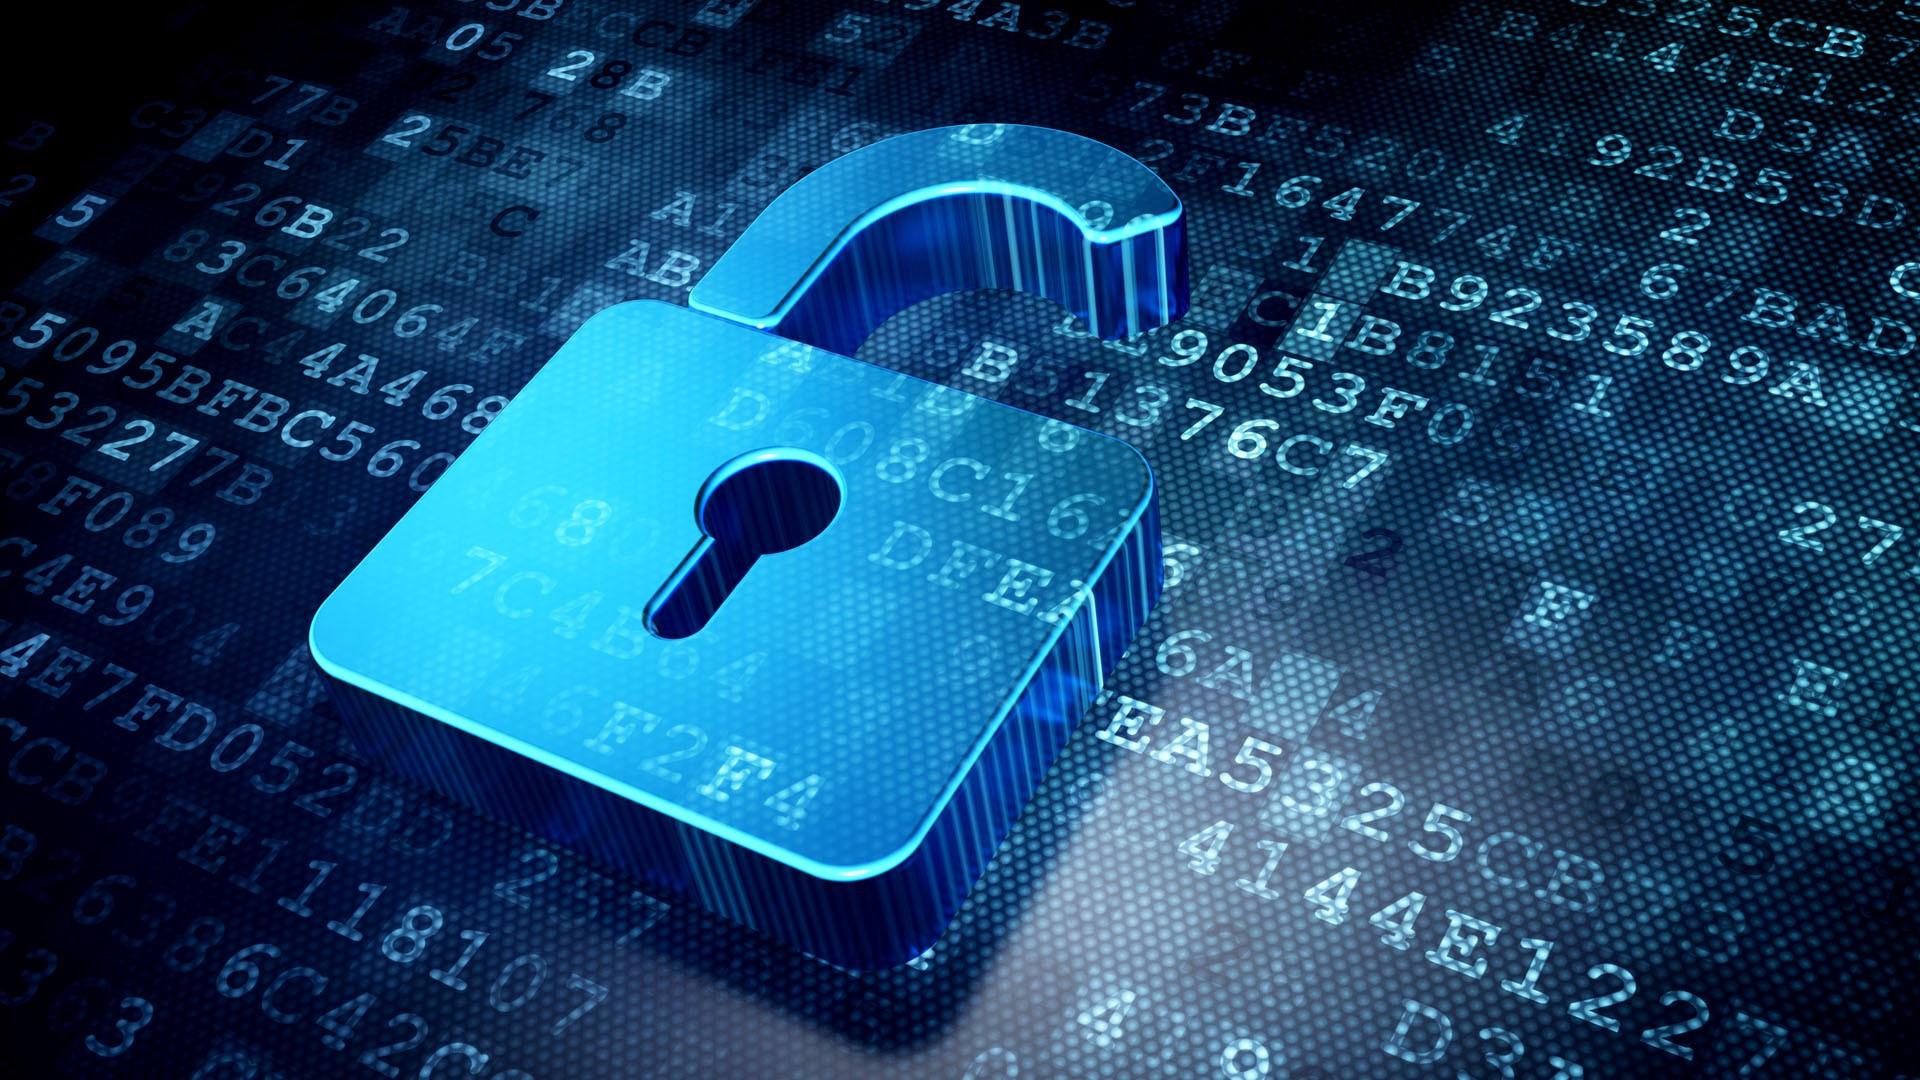 Come rubare i tuoi Bitcoin con i 4 metodi di hacking più pericolosi sul web - Come rubare i tuoi Bitcoin con i 4 metodi di hacking più pericolosi sul web